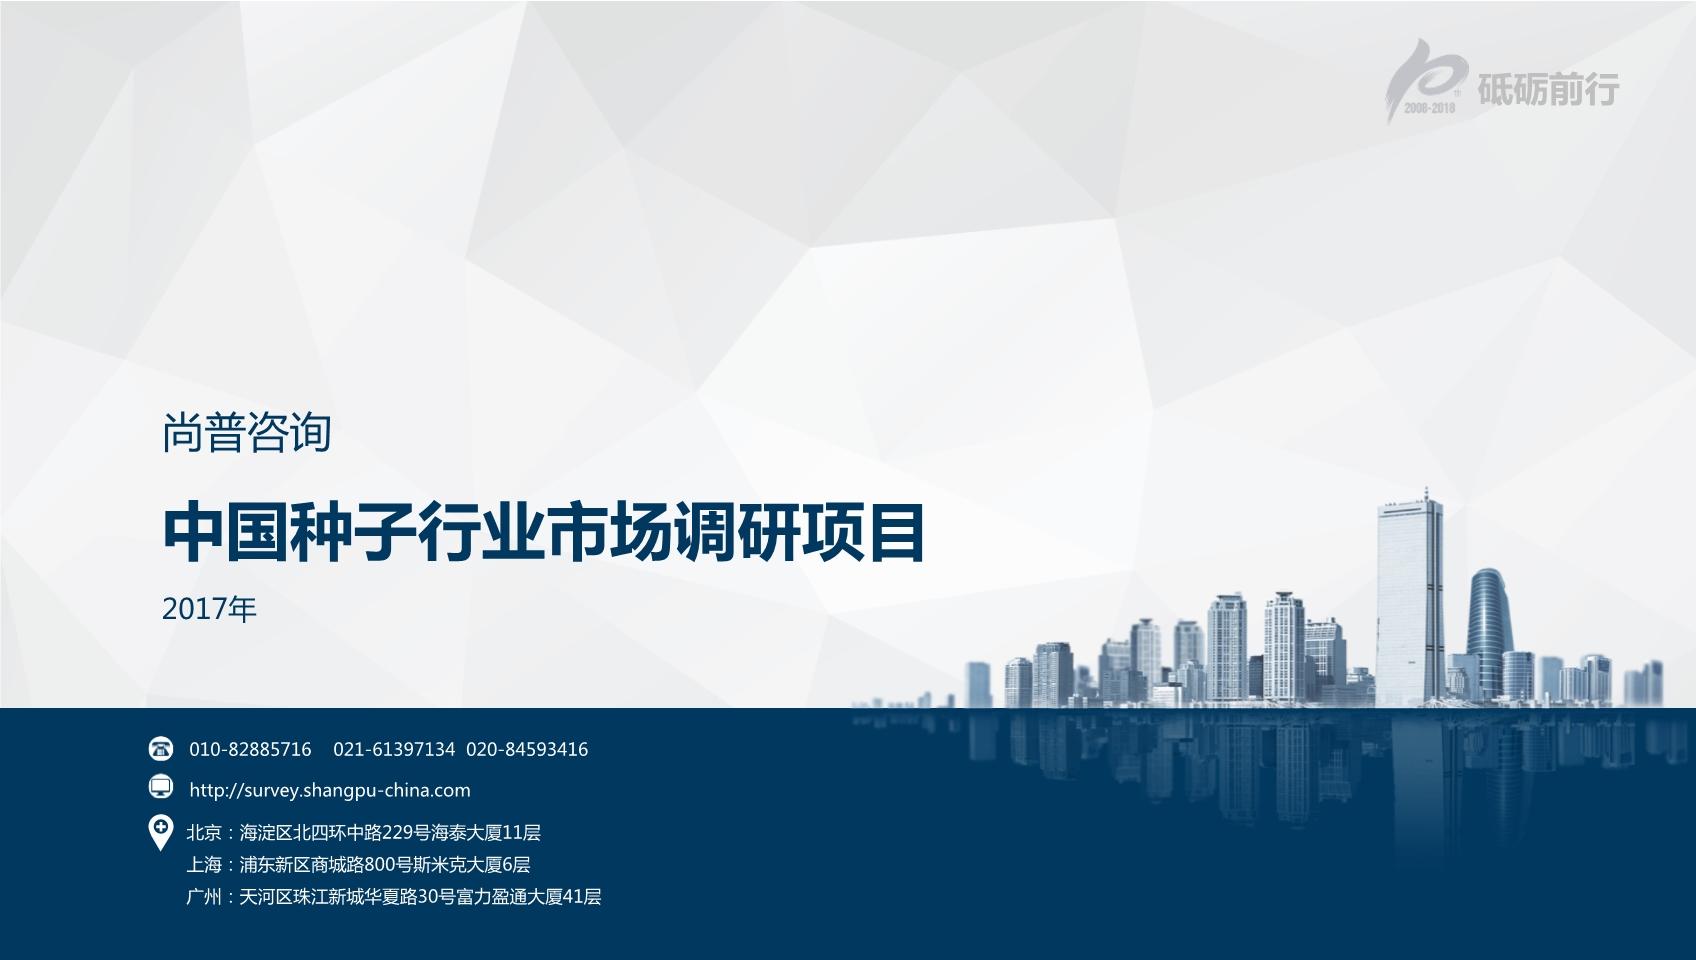 尚普咨询-中国种子行业市场调研